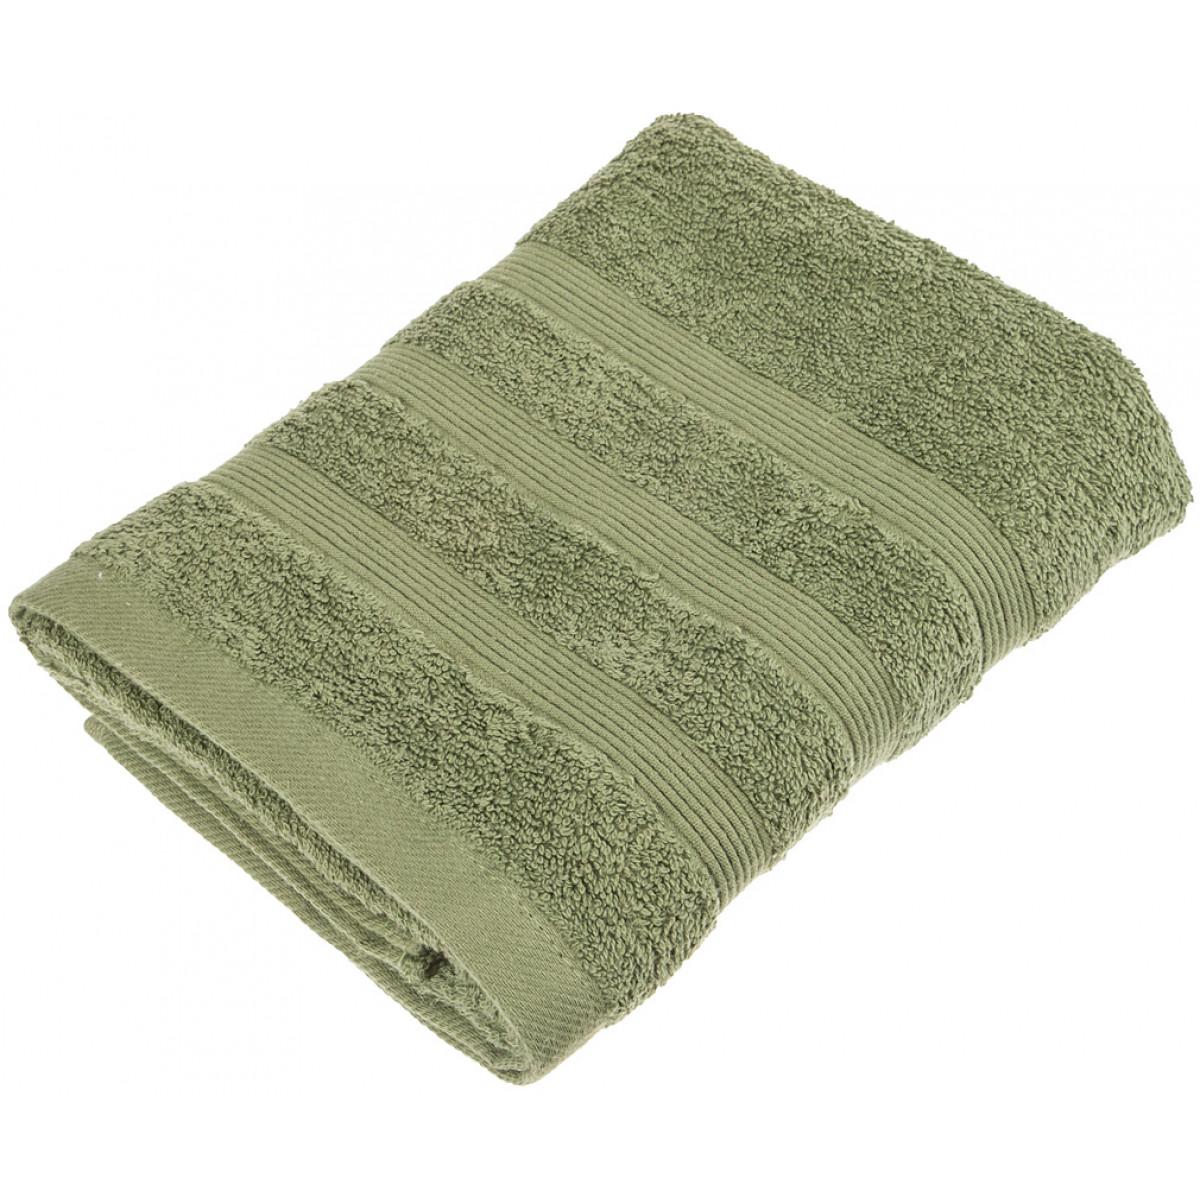 Купить Полотенца Santalino, Полотенце Michah (50х90 см), Пакистан, Зеленый, Махра